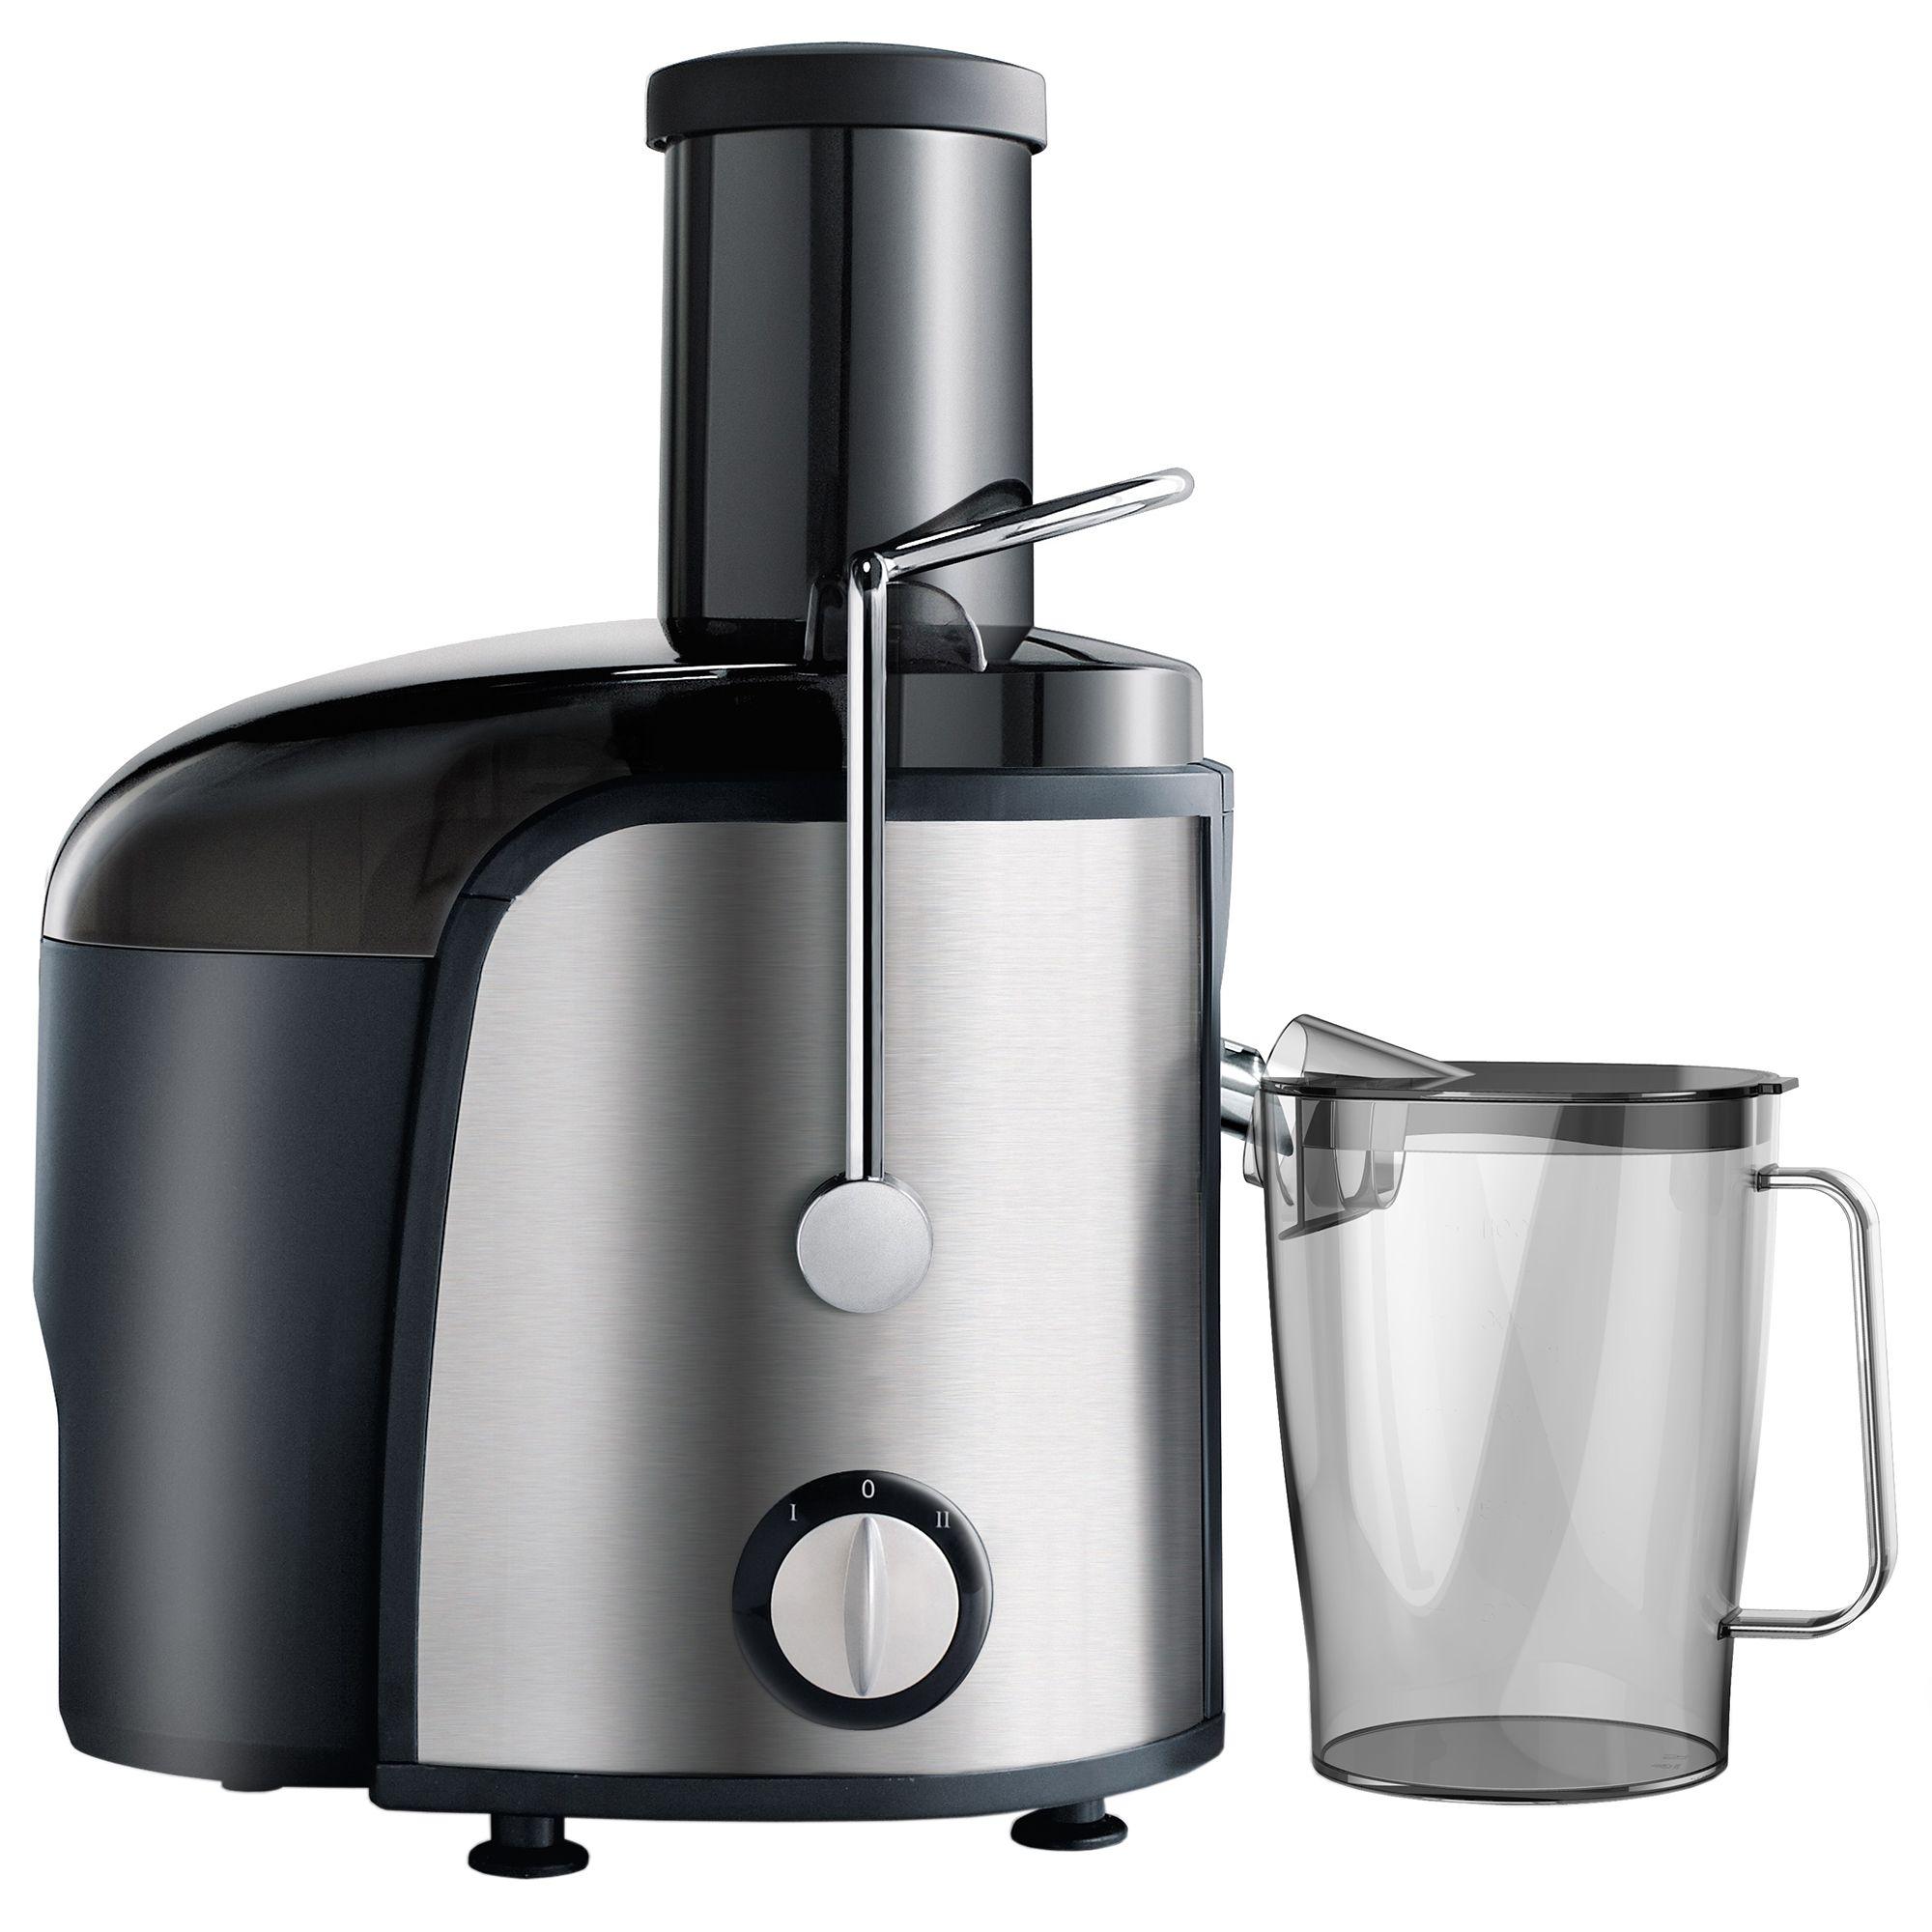 Сокоизстисквачка за плодове и зеленчуци Star-Light PJ-800W, 800 W, Съд за сок 1 л, Захранване XXL, 2 скорости, Механичен контрол, Инокс/Черна